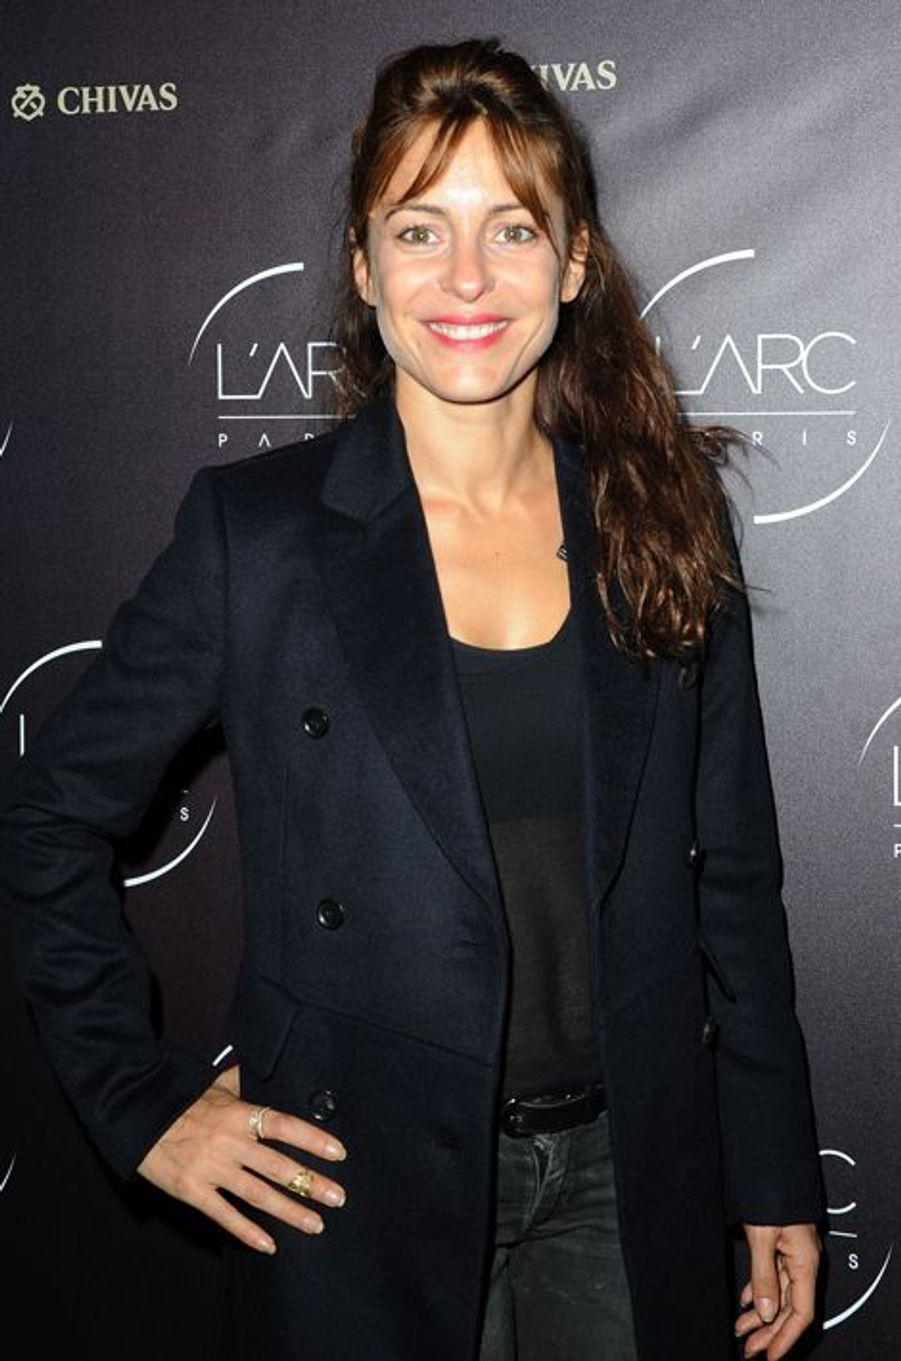 Audrey Dana à l'inauguration de l'Arc Paris le jeudi 2 octobre 2014